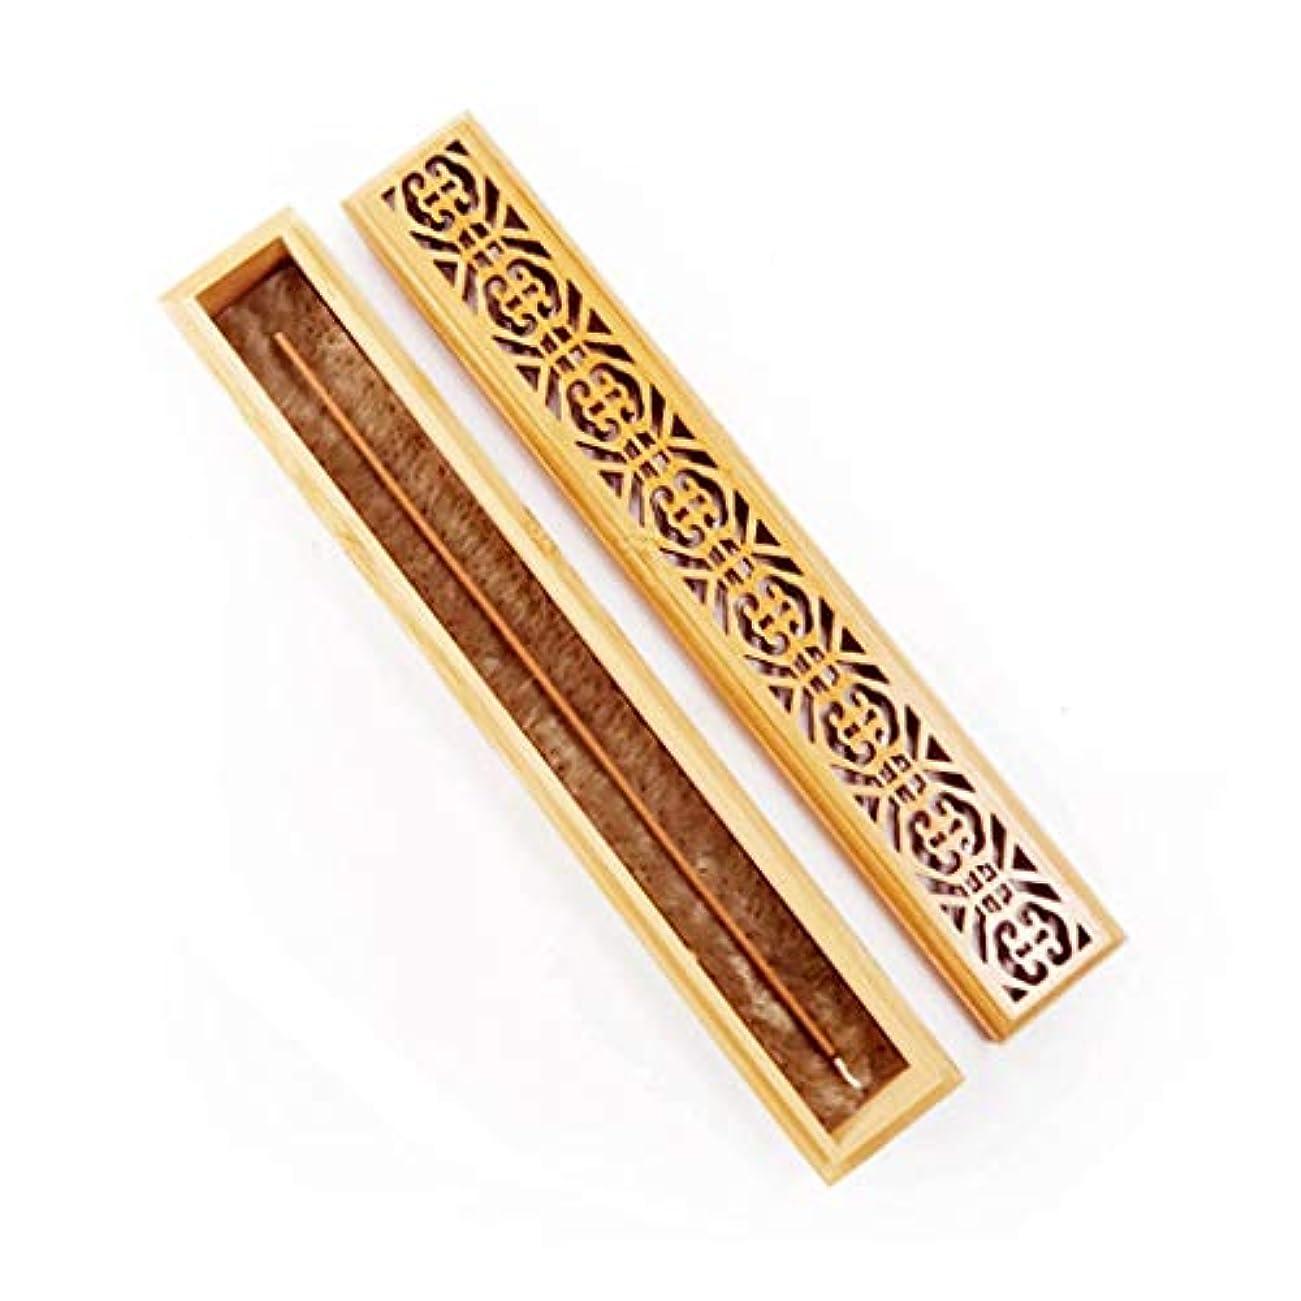 外交官不振逆さまにヴィンテージ長方形の竹香炉中空パターン絶妙なふた香スティックホルダー灰キャッチャーホーム香ホルダー (Color : Wood, サイズ : 9.29*1.45*1.02inchs)